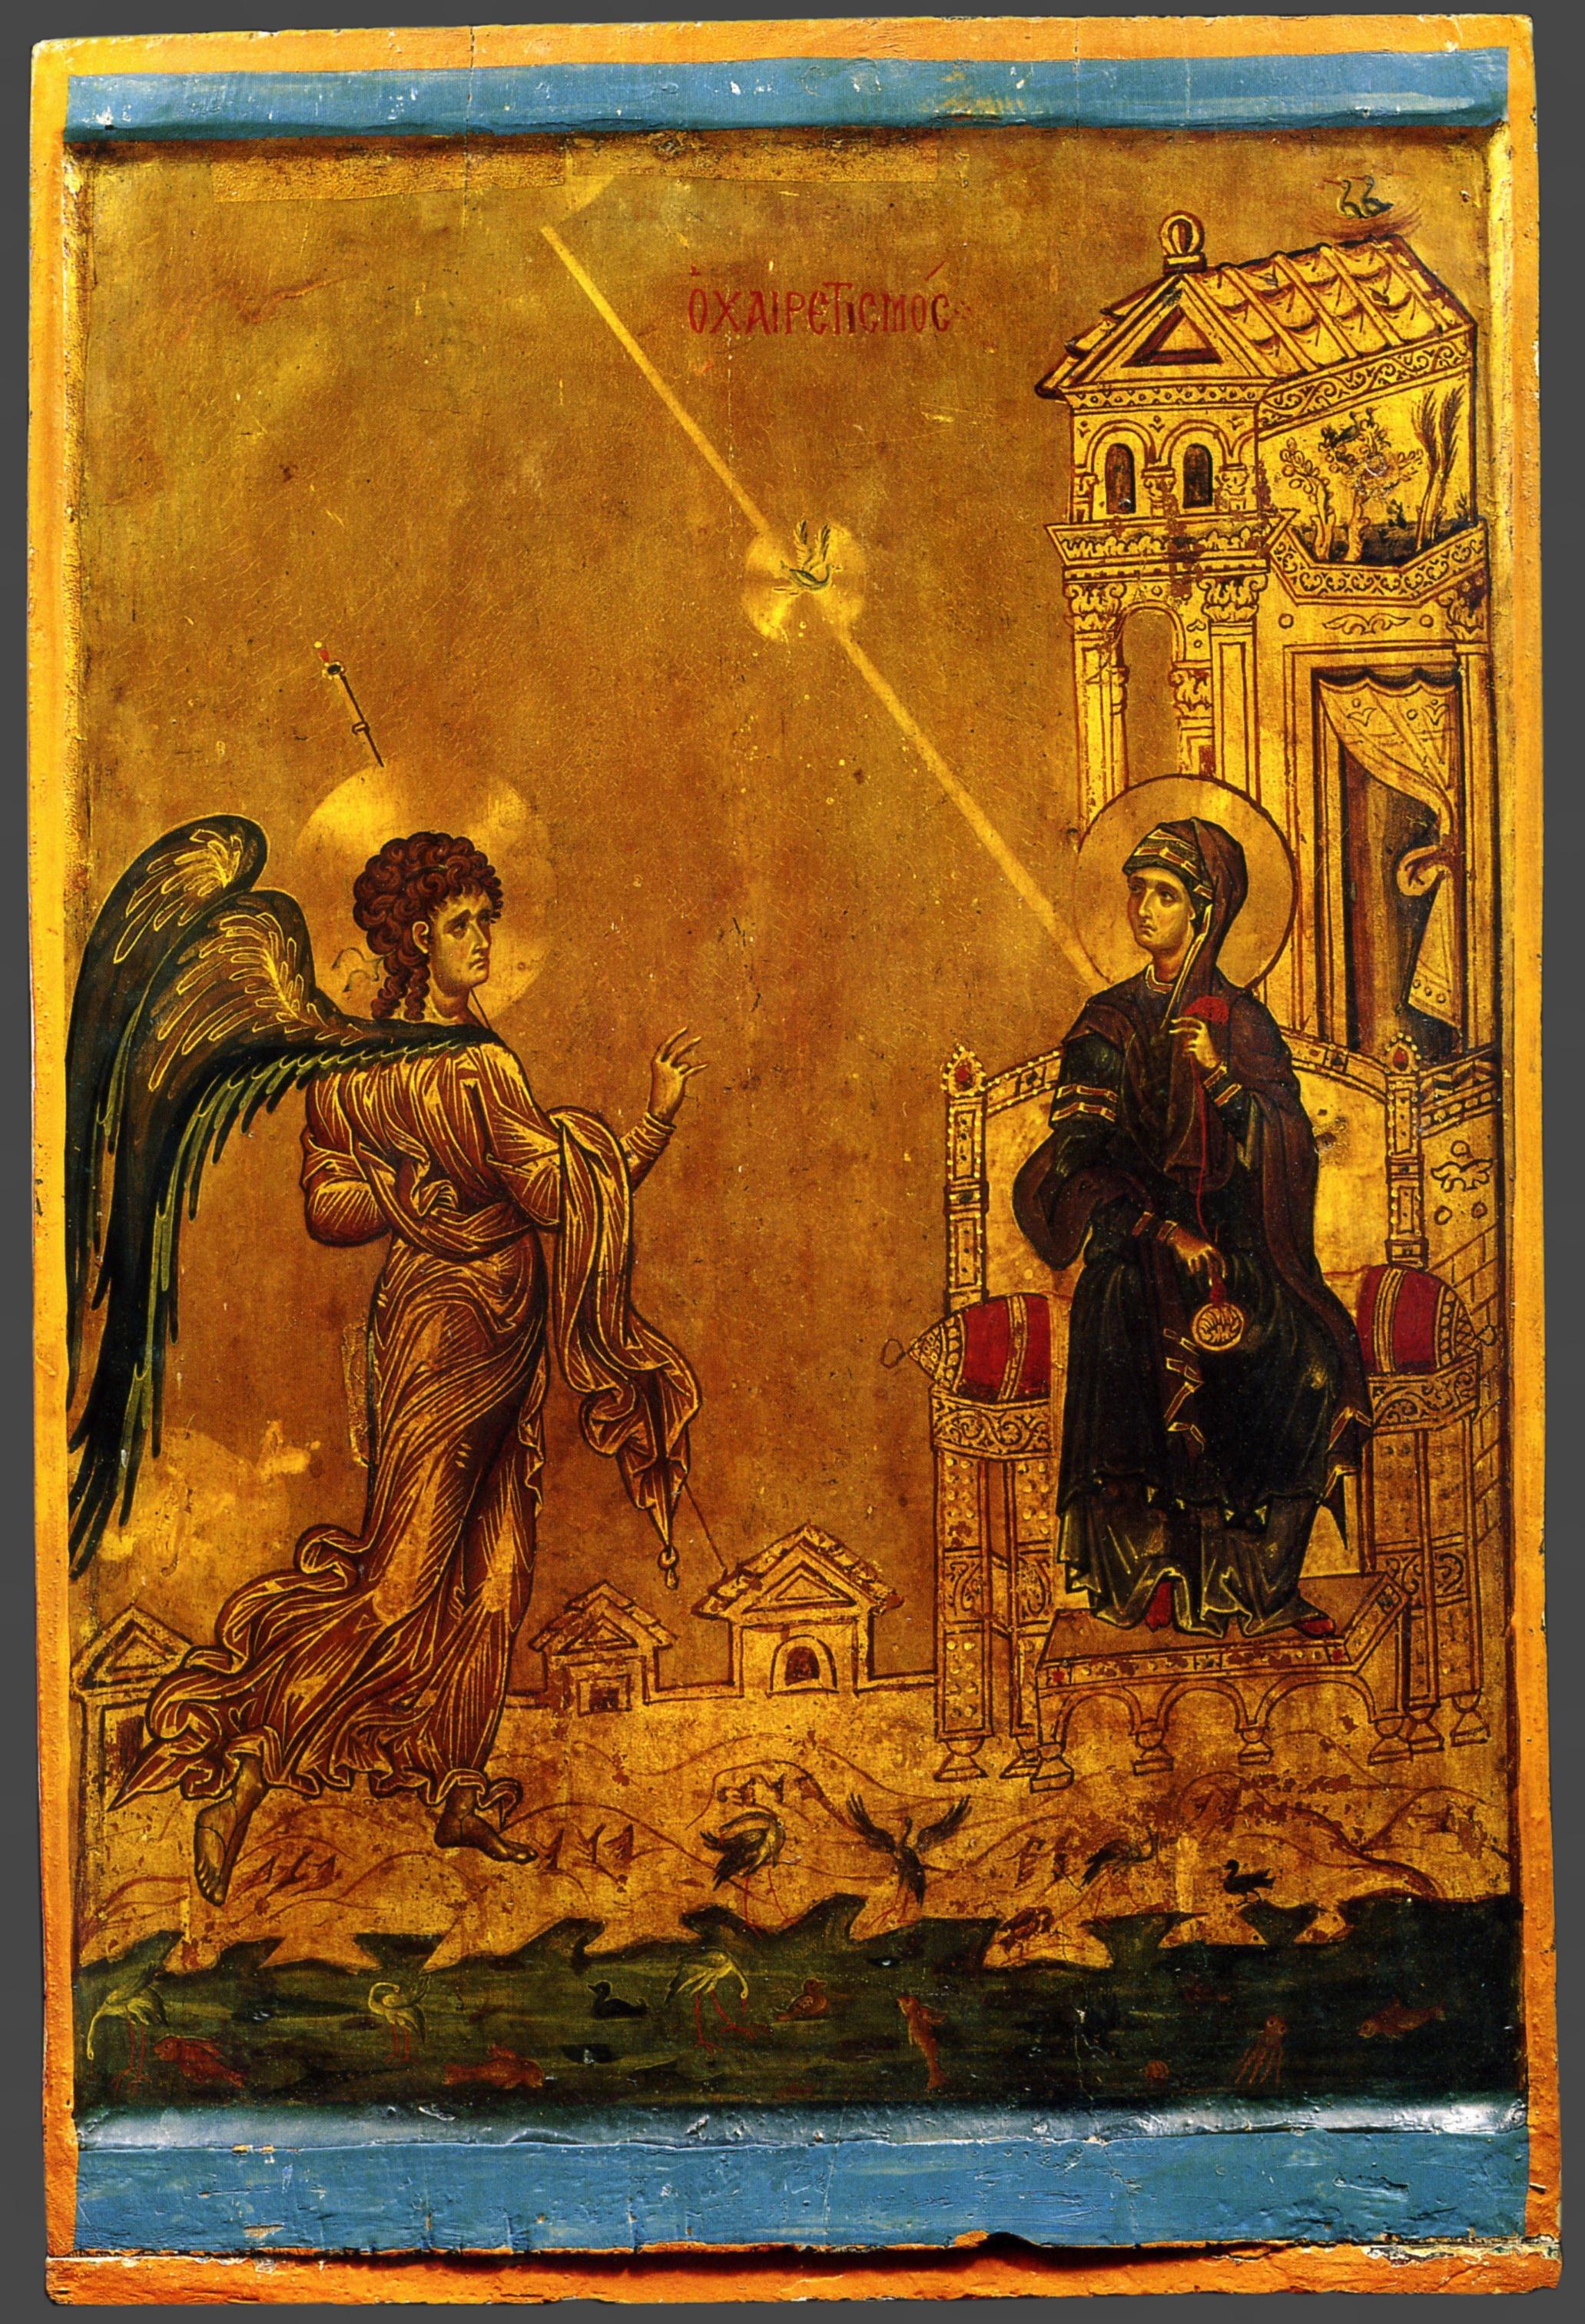 Благовещение, Монастырь Св. Екатерины на Синае